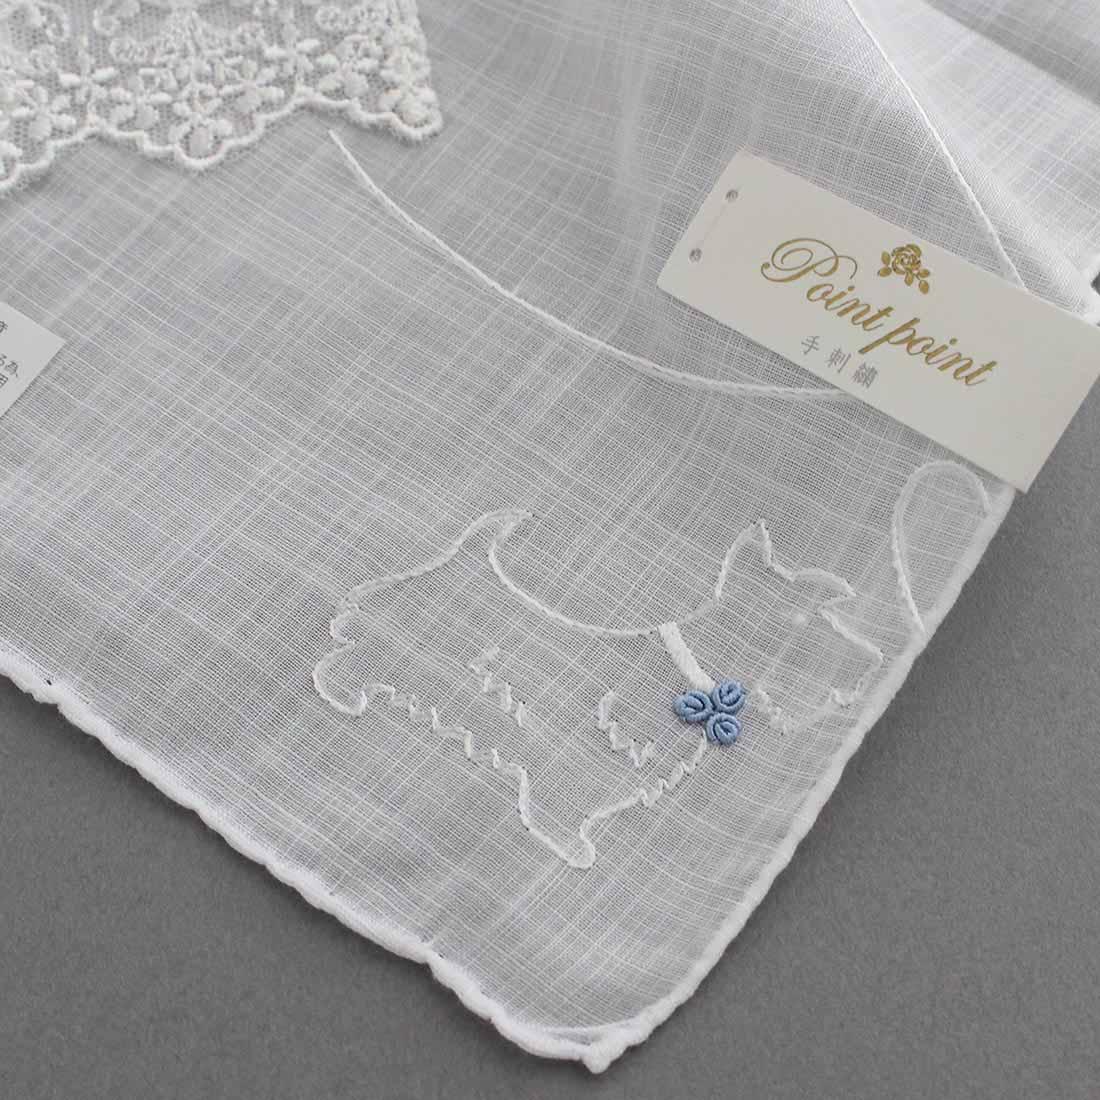 【送料無料】ベトナム手刺繍ハンカチ ブライダル 7202 ホワイト 新婦